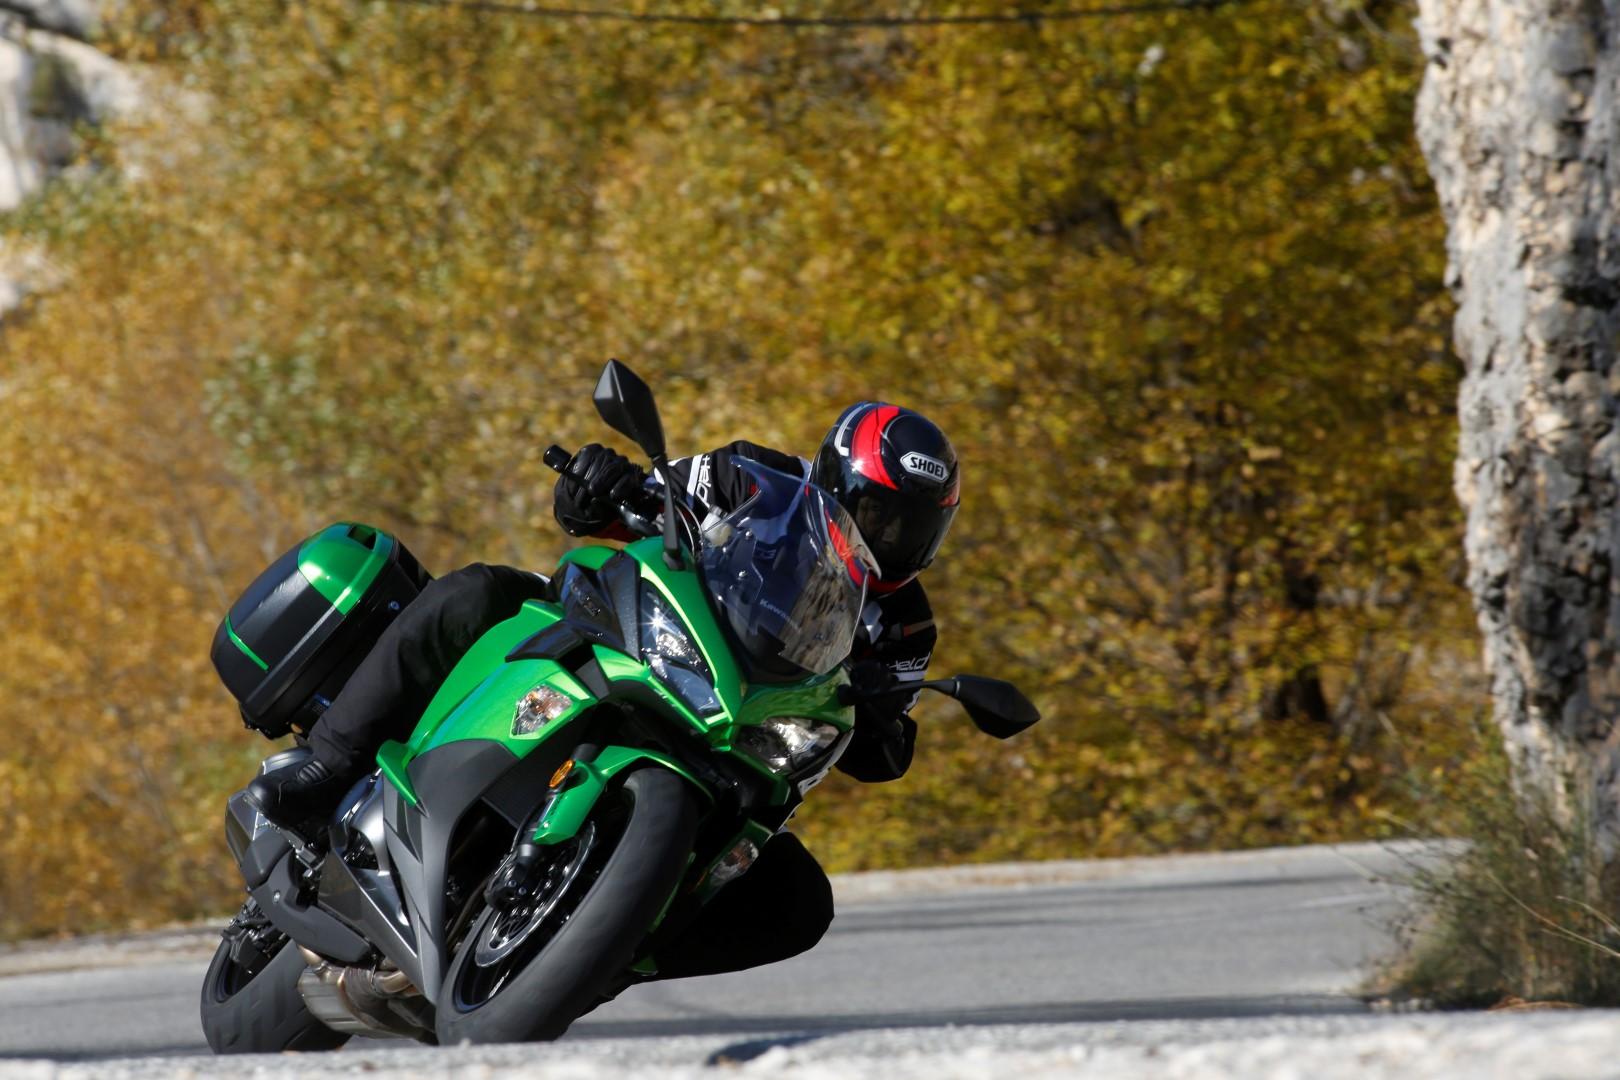 Probamos la nueva Kawasaki Z1000SX 2017